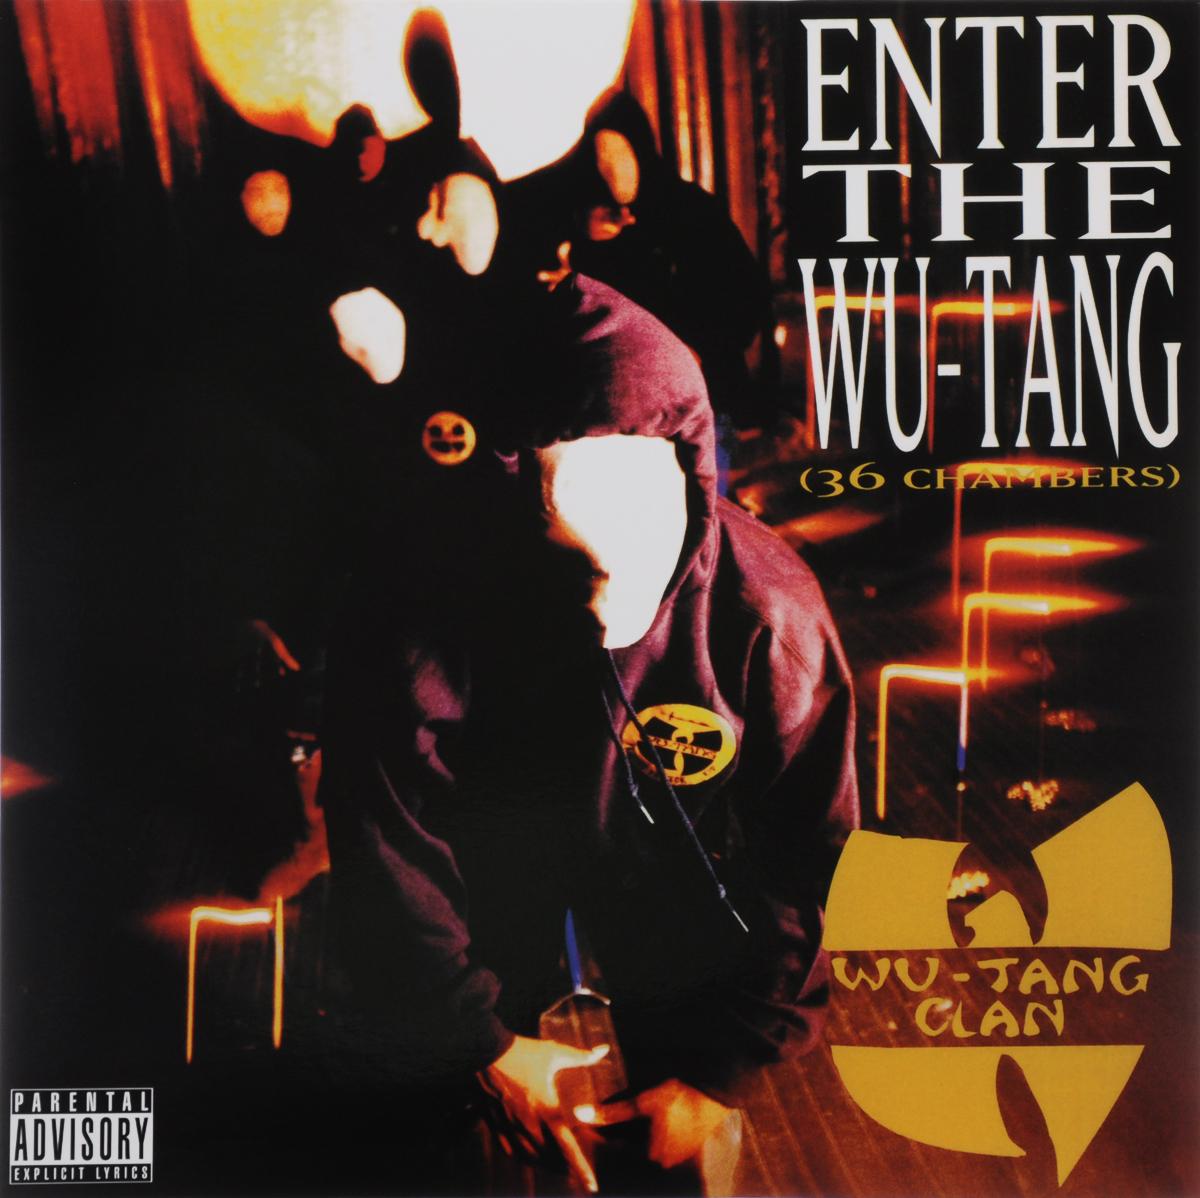 Wu-Tang Clan Wu-Tang Clan. Enter The Wu-Tang (36 Chambers) (LP) zhiheng tang causal asymmetry the explanatory constraint